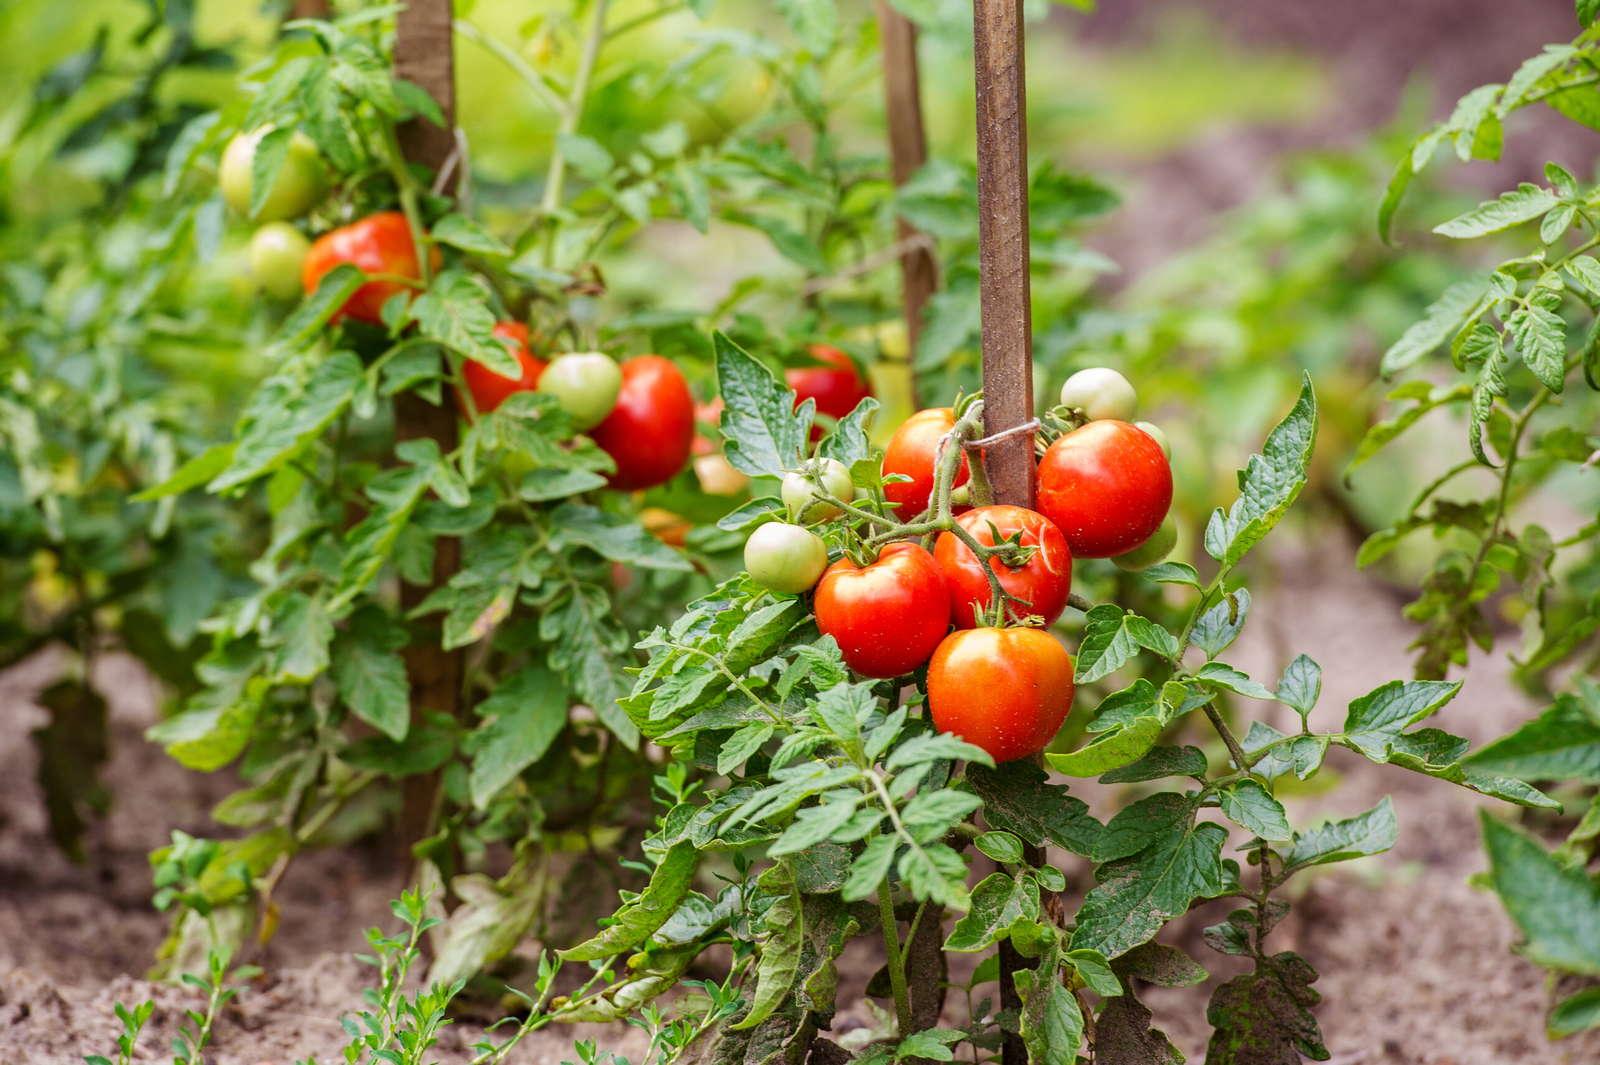 10 tipps zur perfekten tomate aus dem eigenen garten. Black Bedroom Furniture Sets. Home Design Ideas